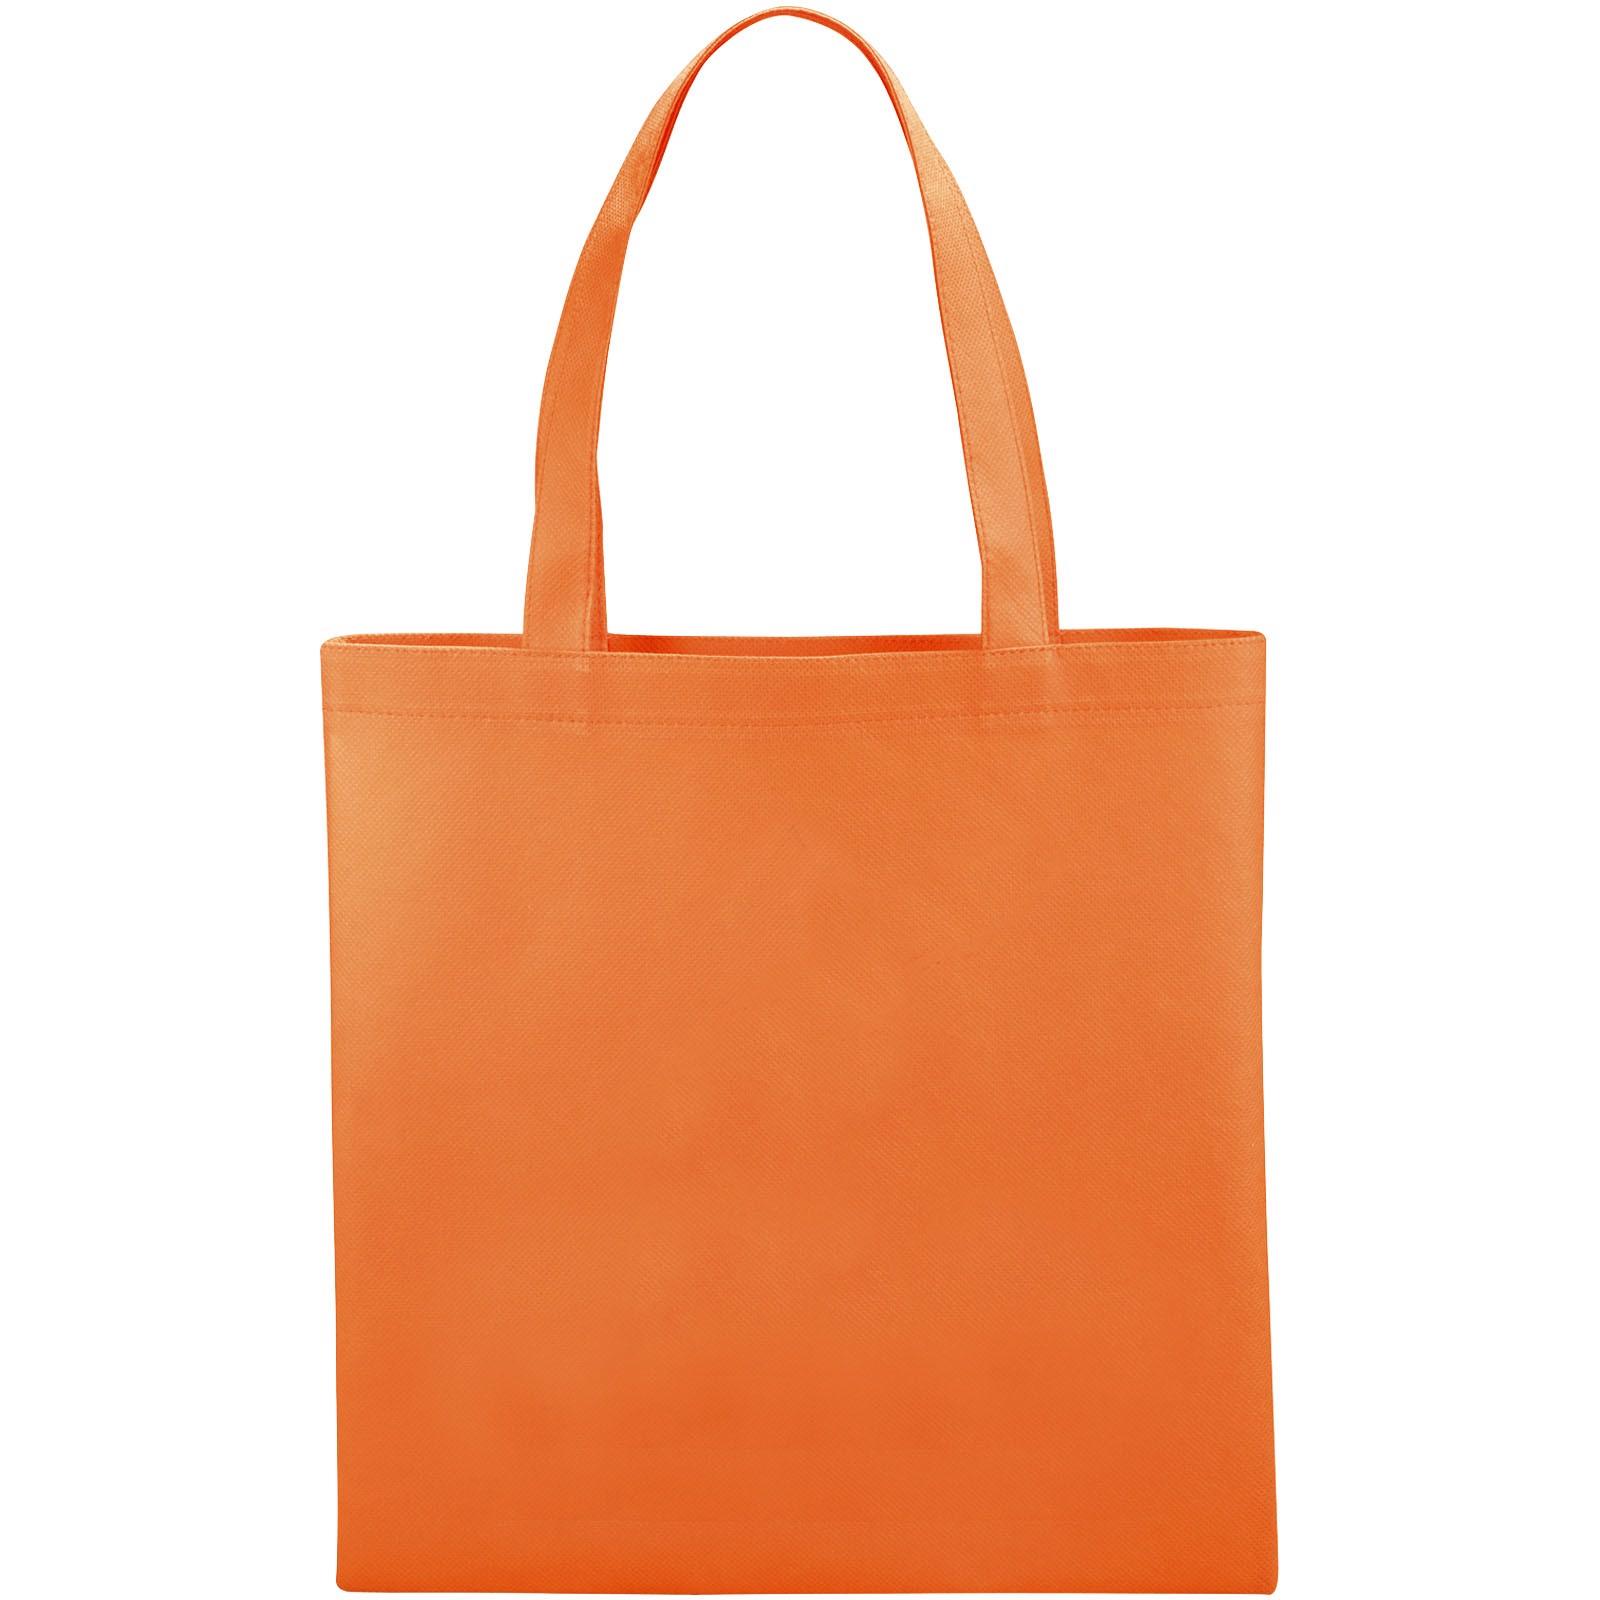 Zeus small non-woven convention tote bag - Orange